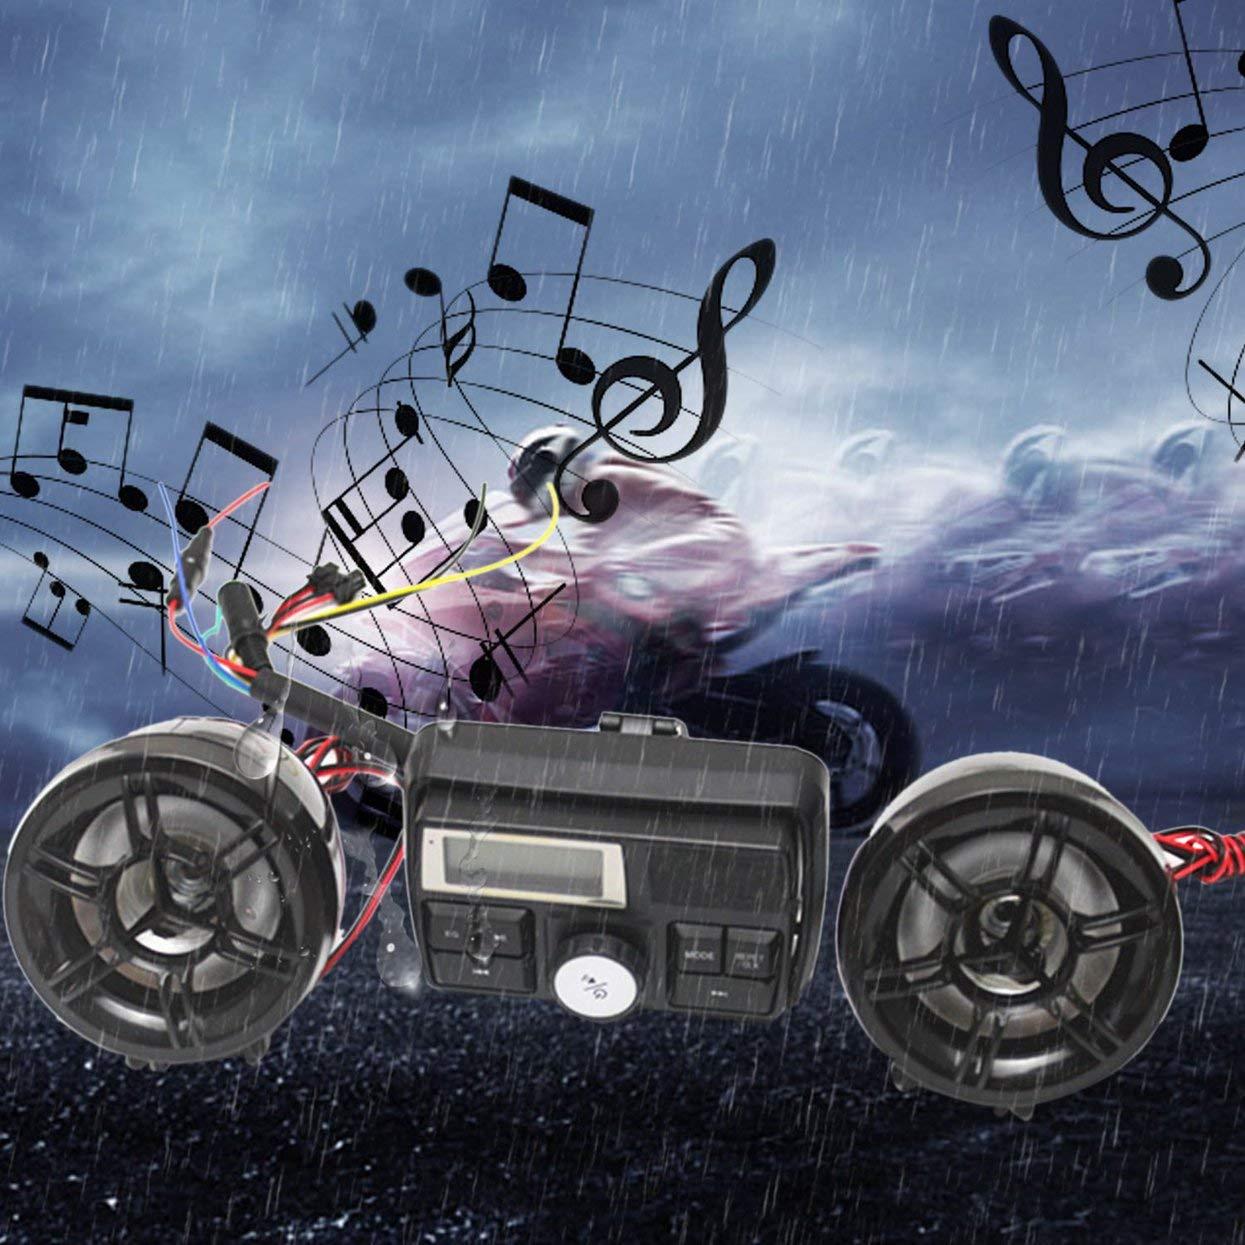 Lettore MP3 TF USB Anti-Ladro Sistema Audio Audio Tellaboull for Impermeabile con Telecomando Radio FM per Moto da 12 V Altoparlanti Stereo